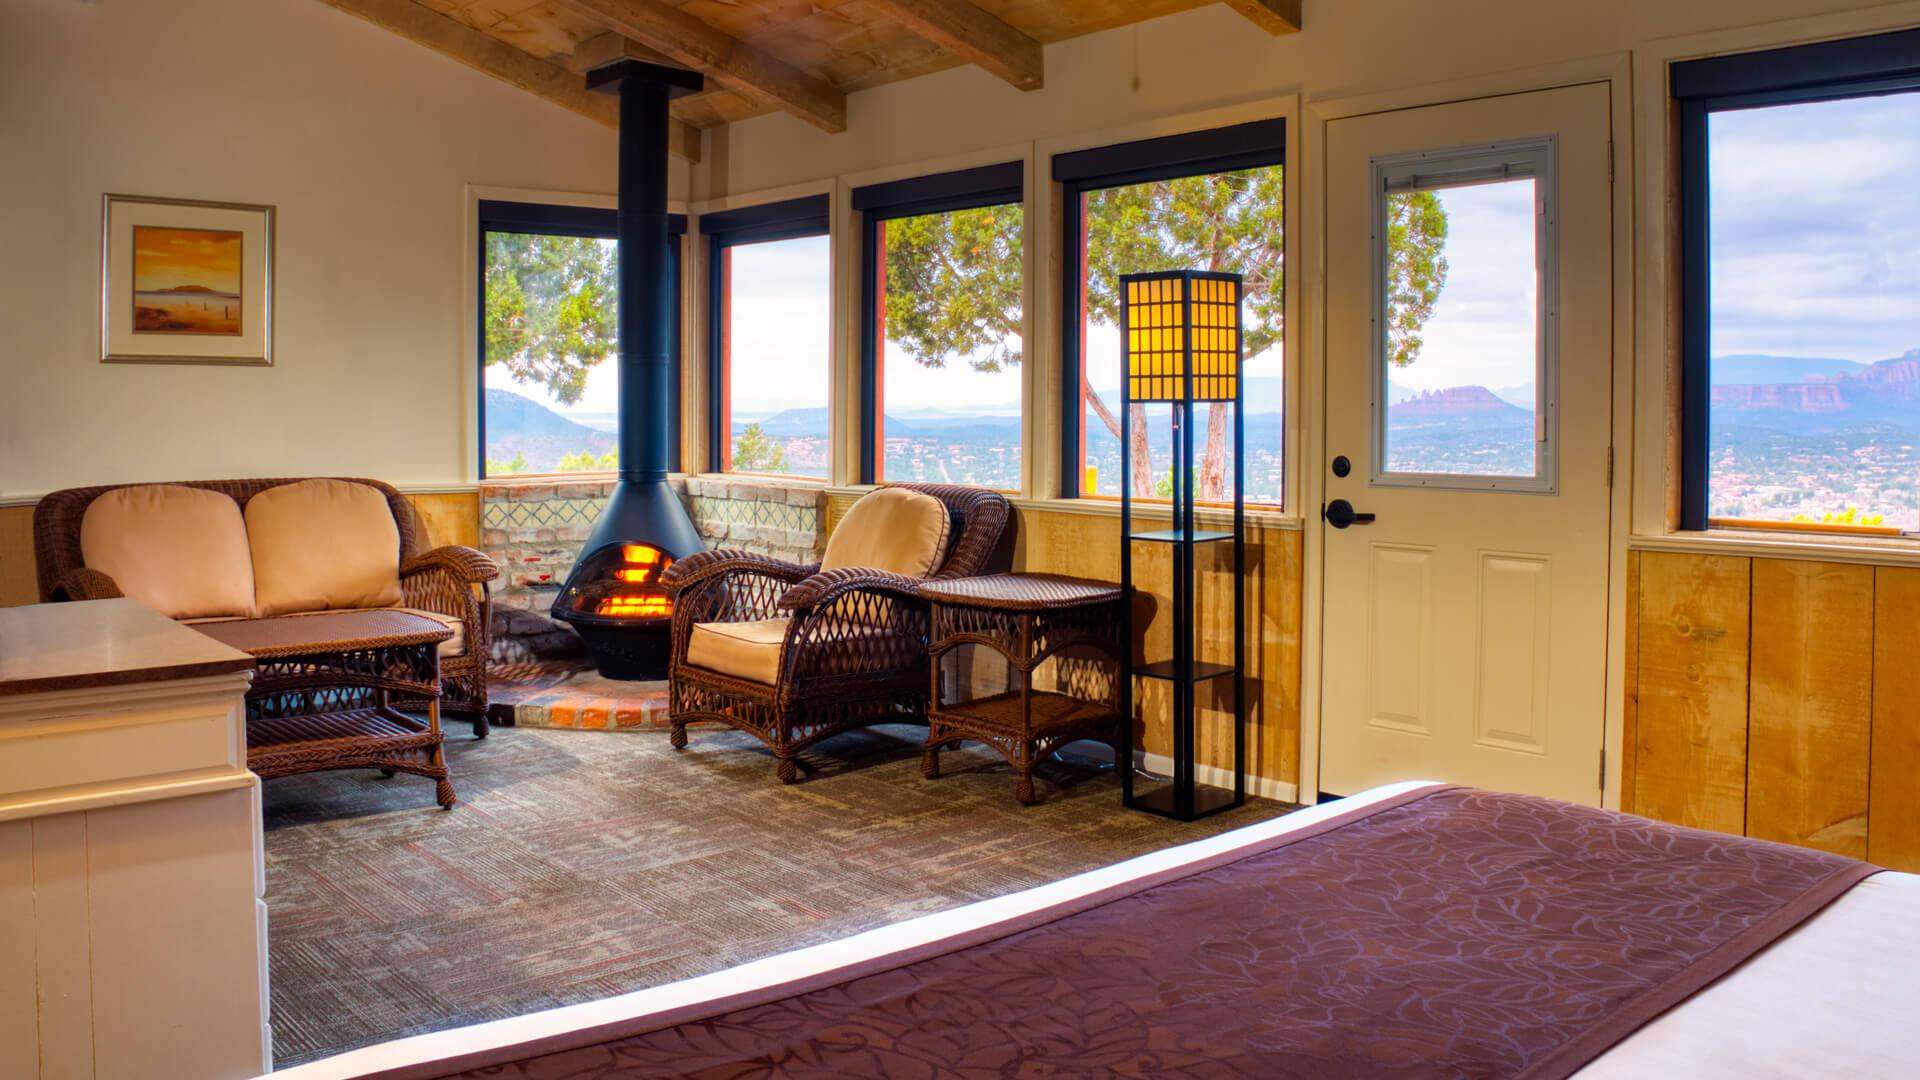 Resort commercial image from Sky Ranch Lodge shoot Sedona, AZ